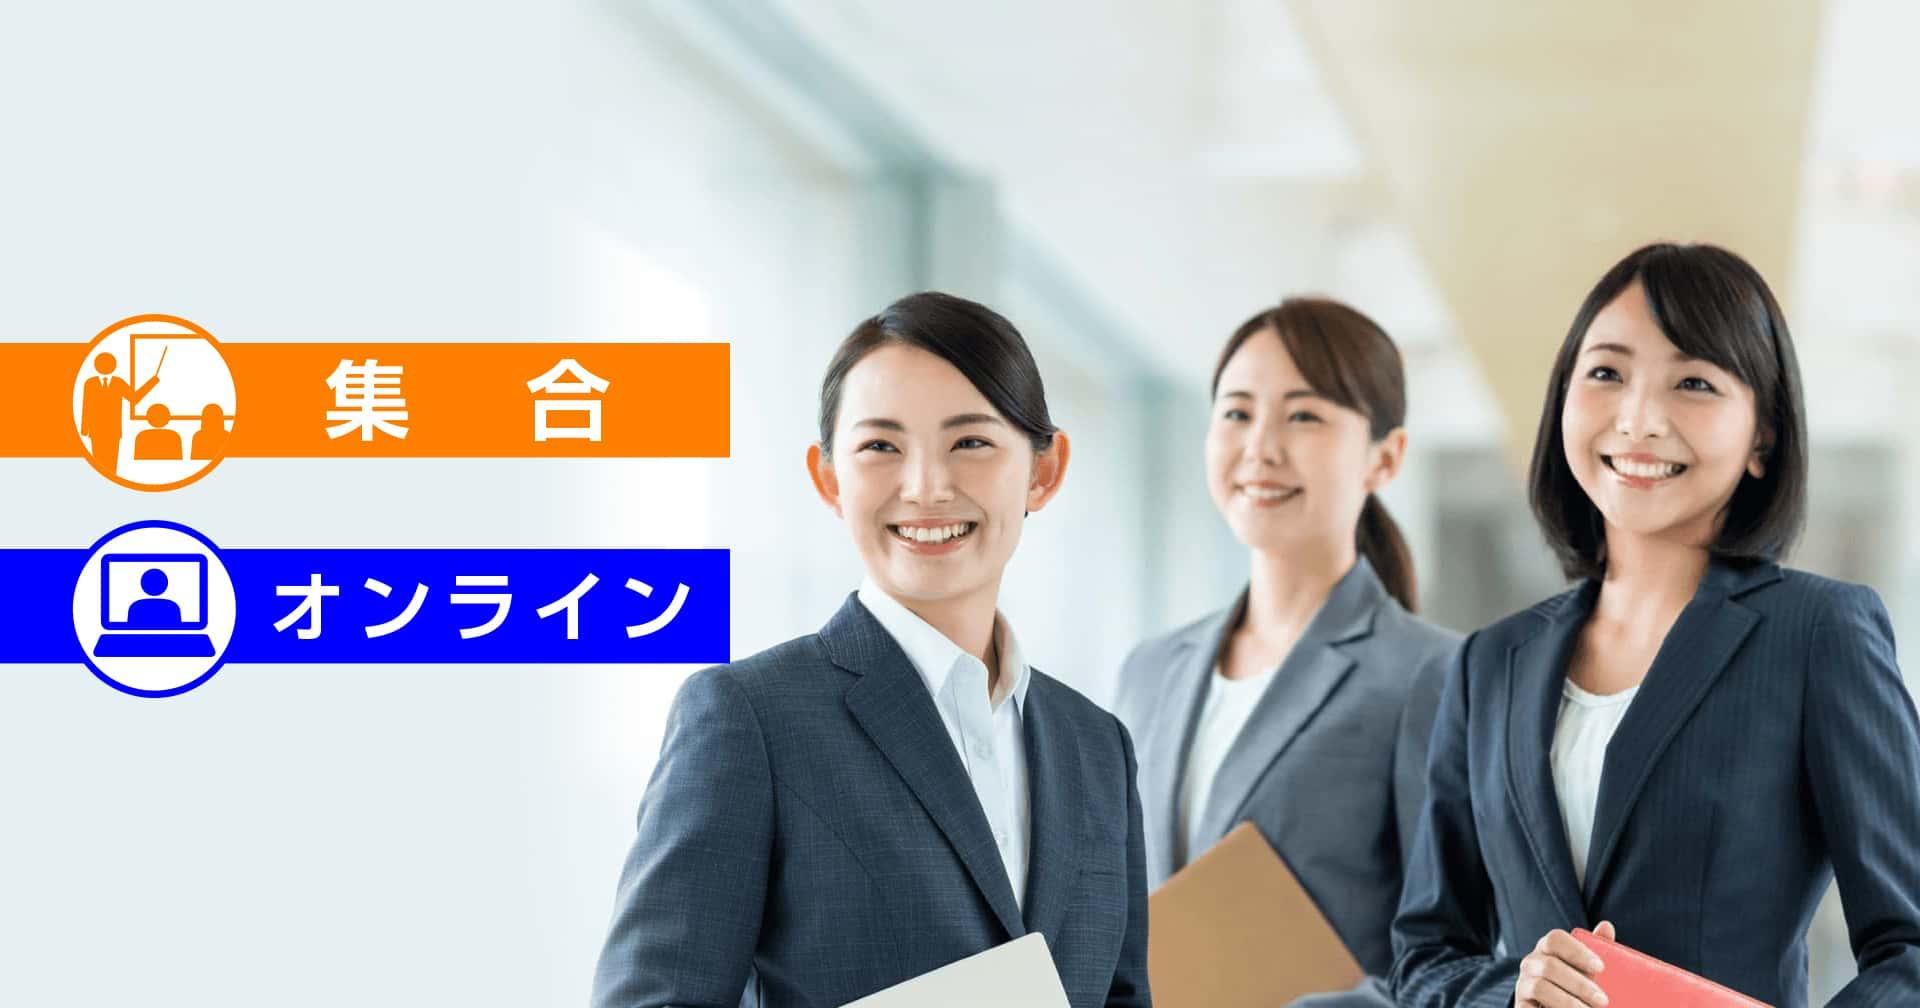 【セット受講】新入社員研修 フォローアップコース